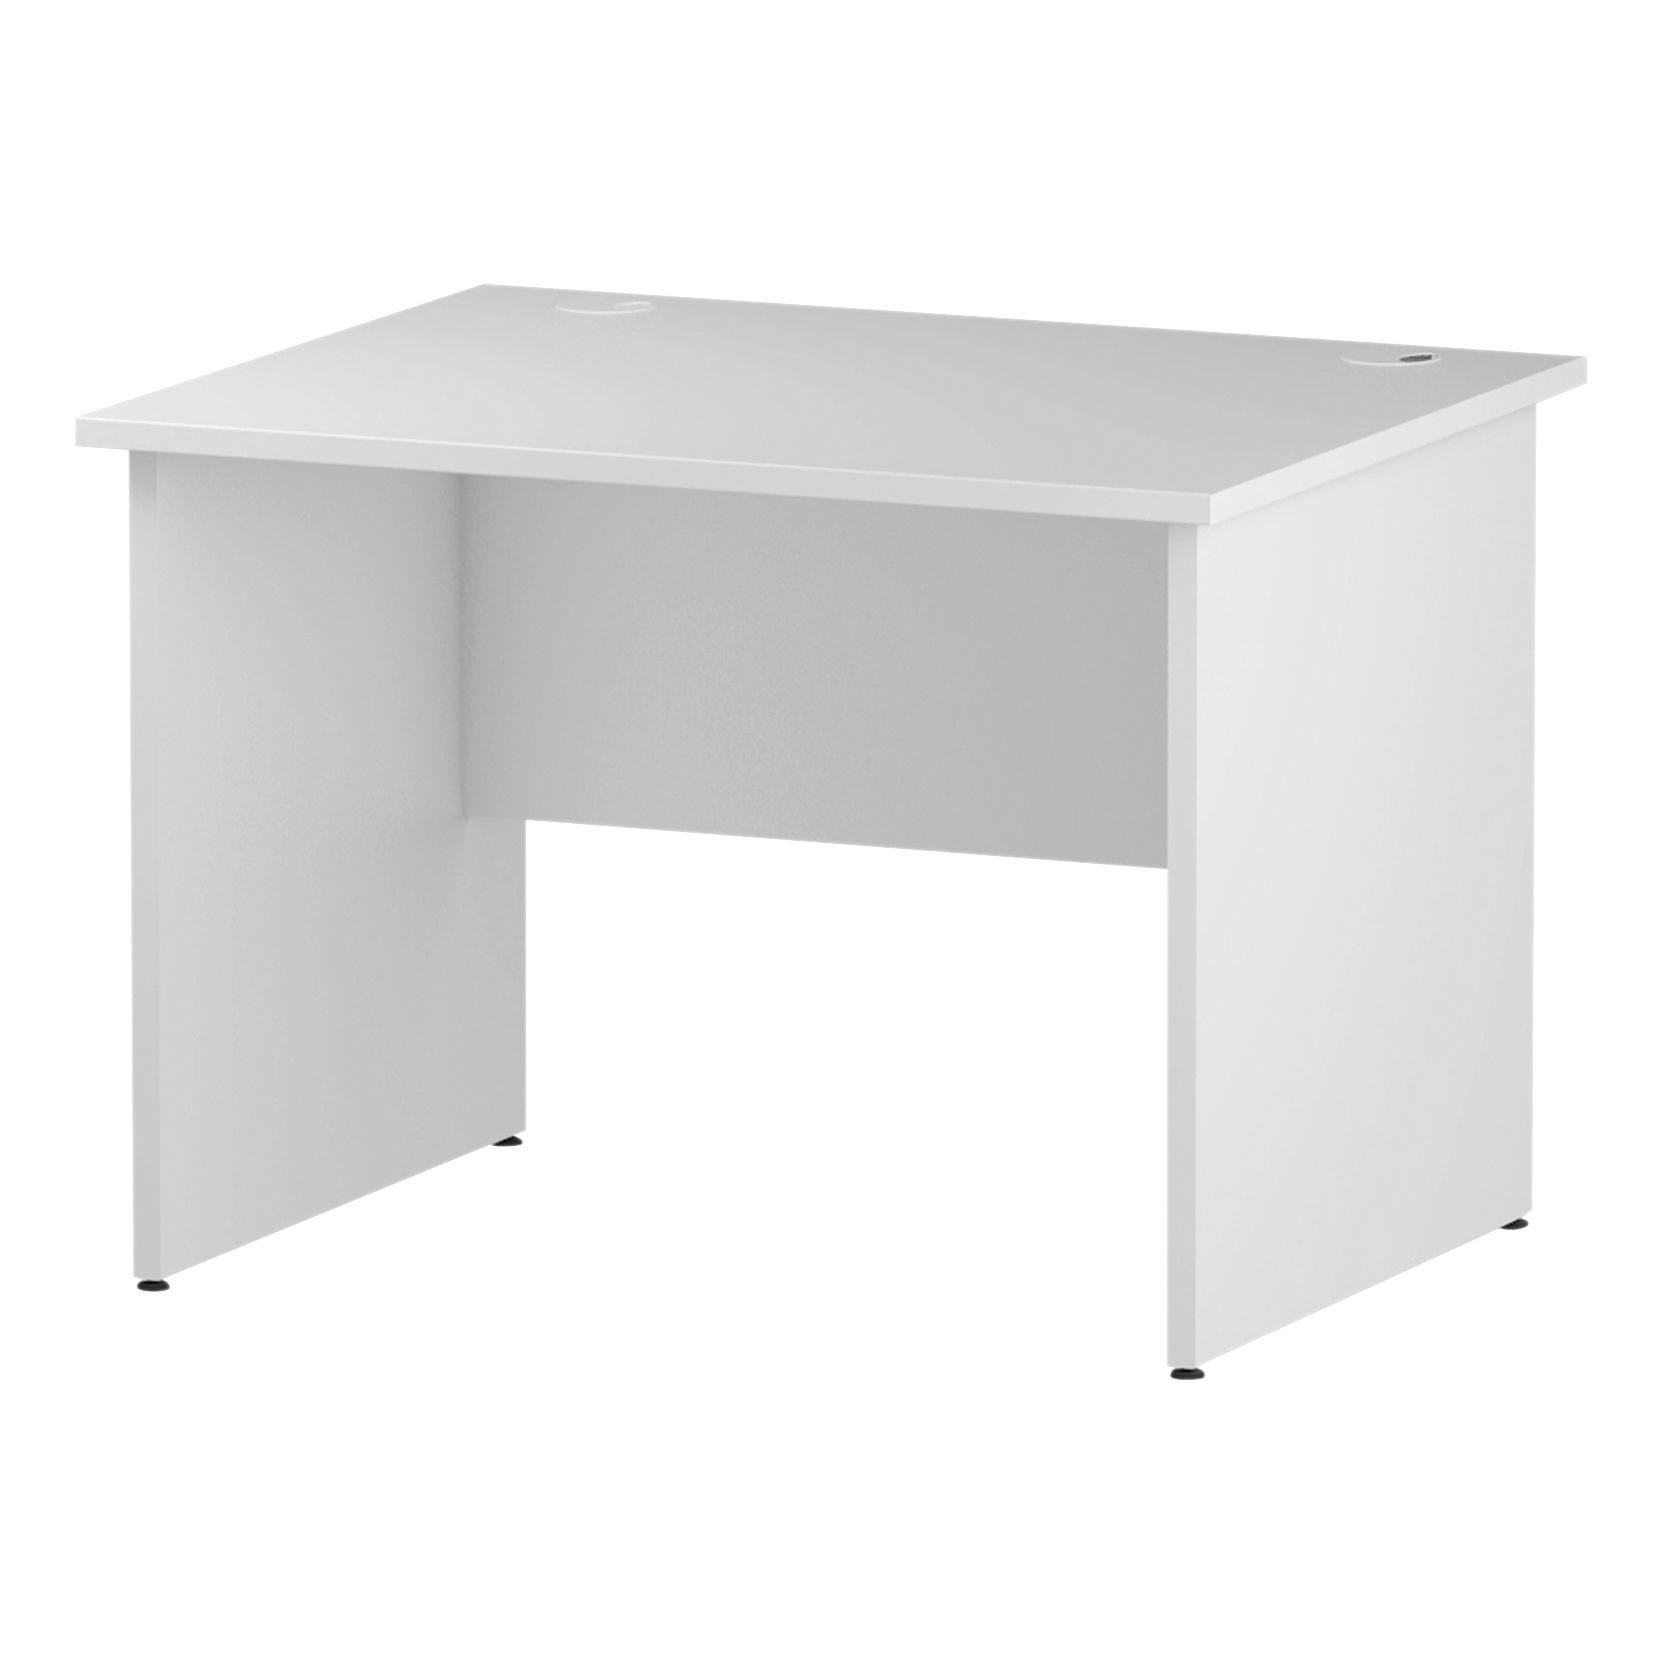 Trexus Rectangular Desk Panel End Leg 1000x800mm White Ref I000392